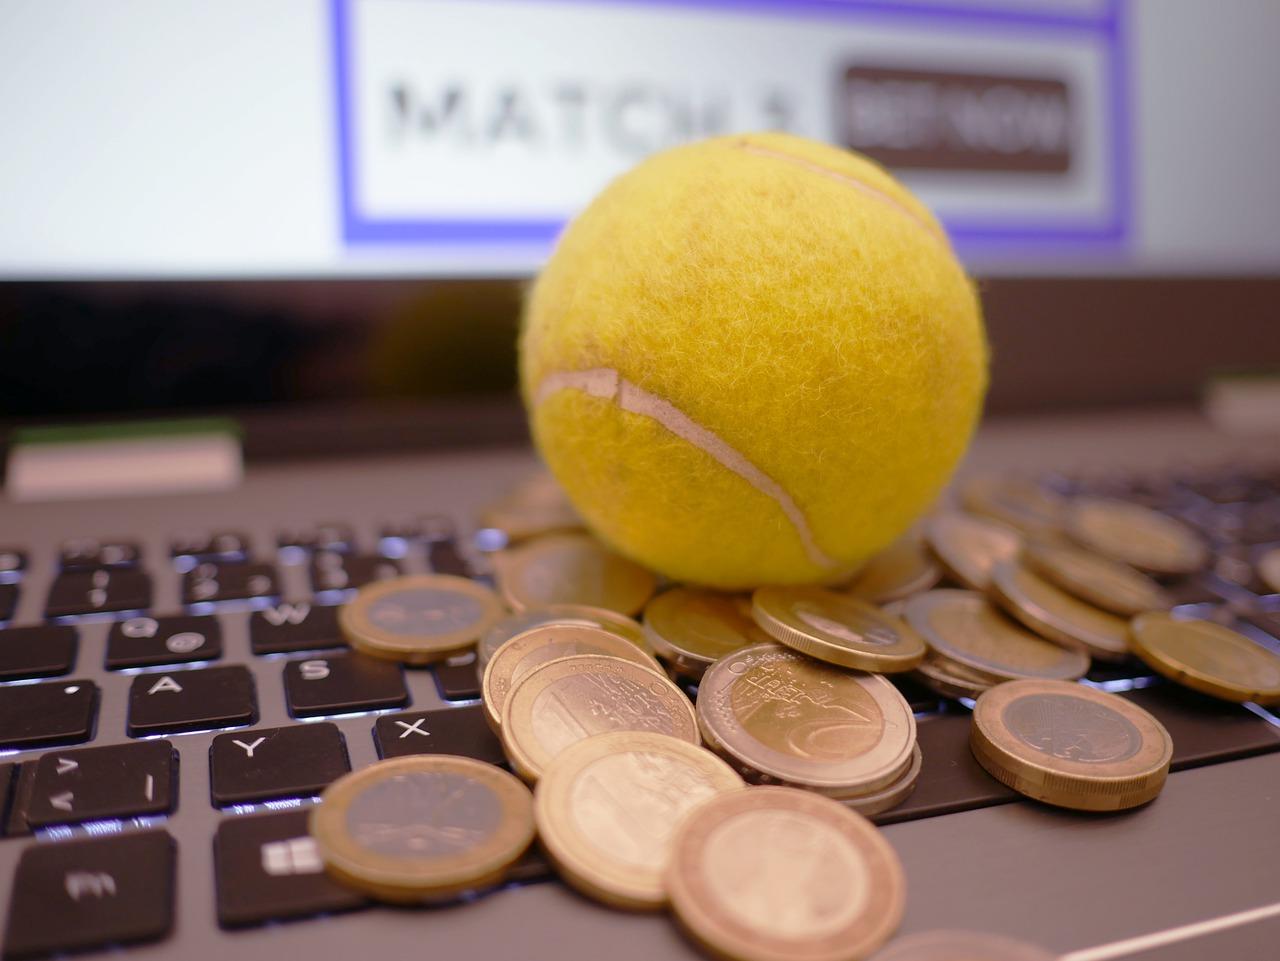 Tenis Apuesta Apuestas Deportivas - Foto gratis en Pixabay